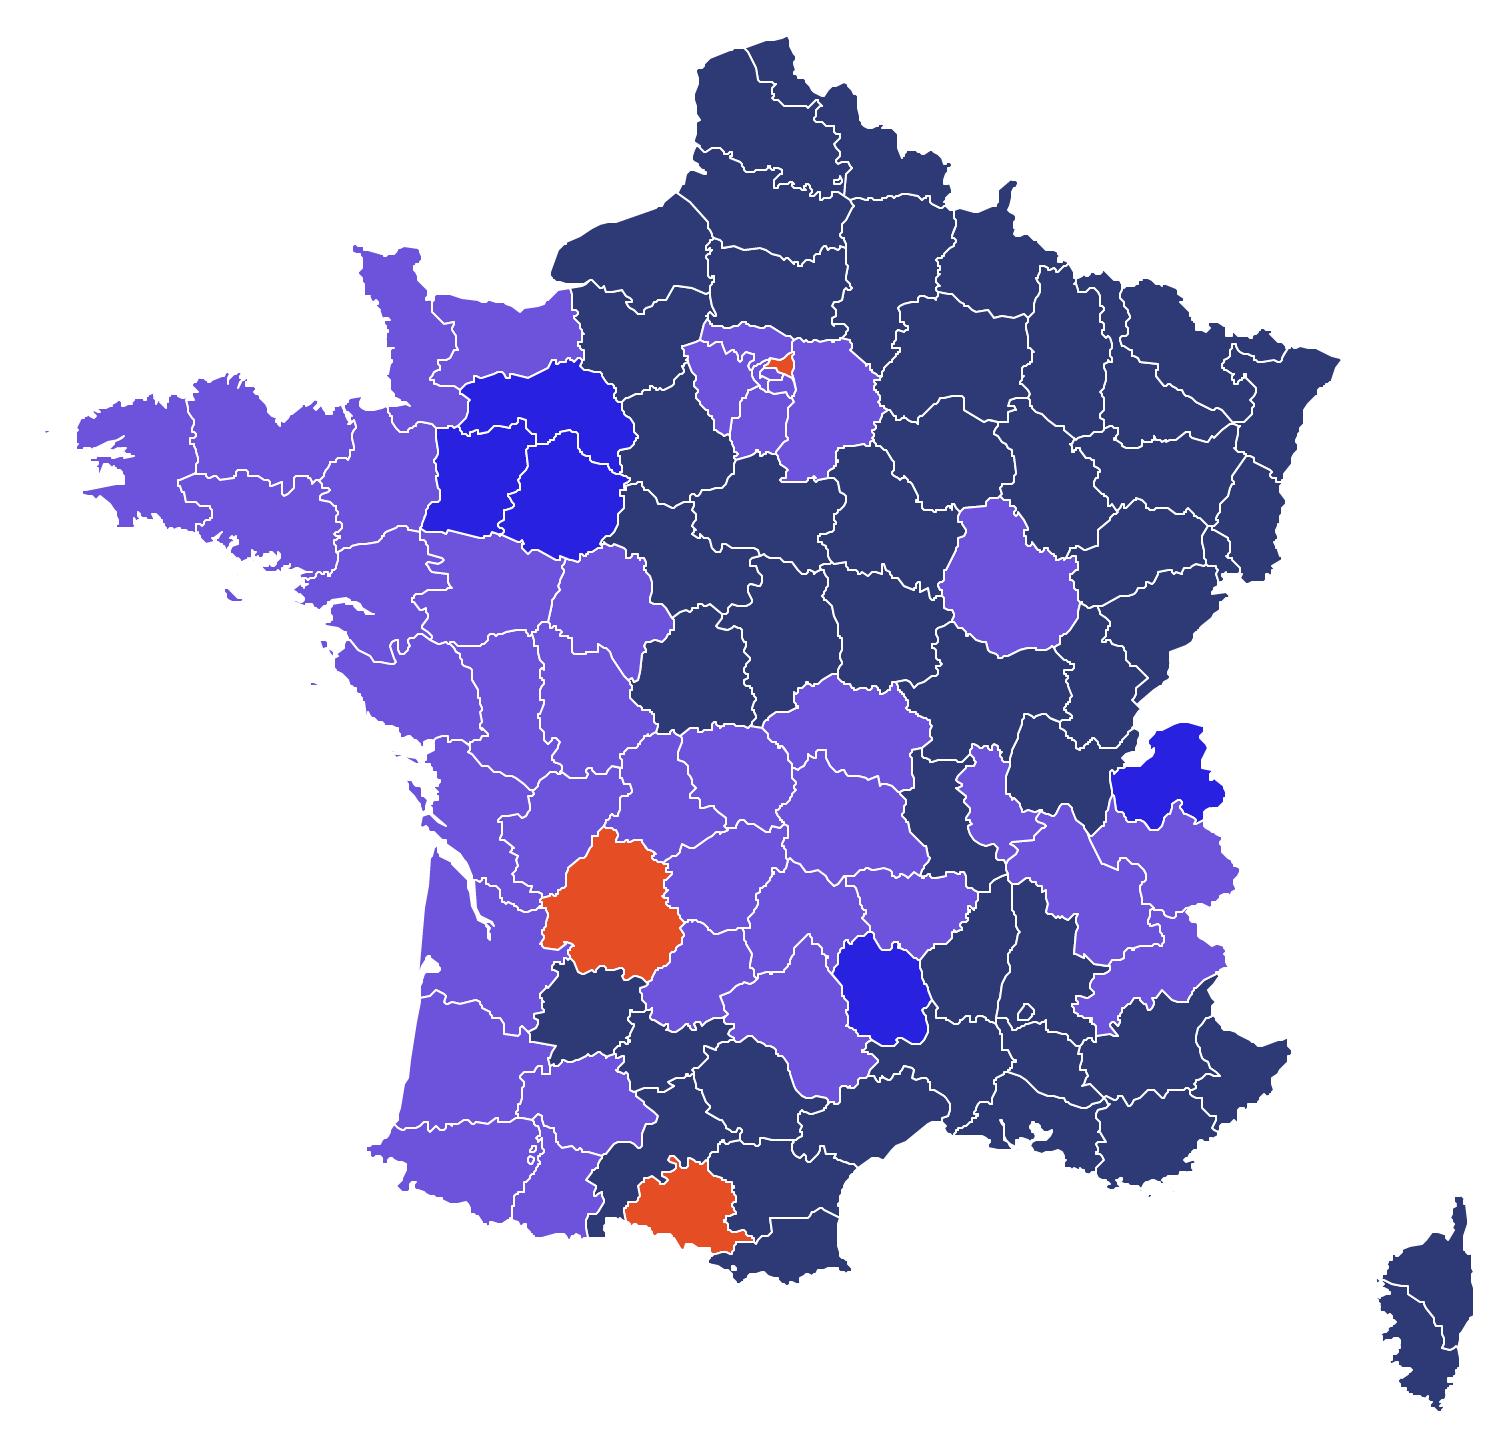 France - résultats du 1er tour de l'élection présidentielle 2017